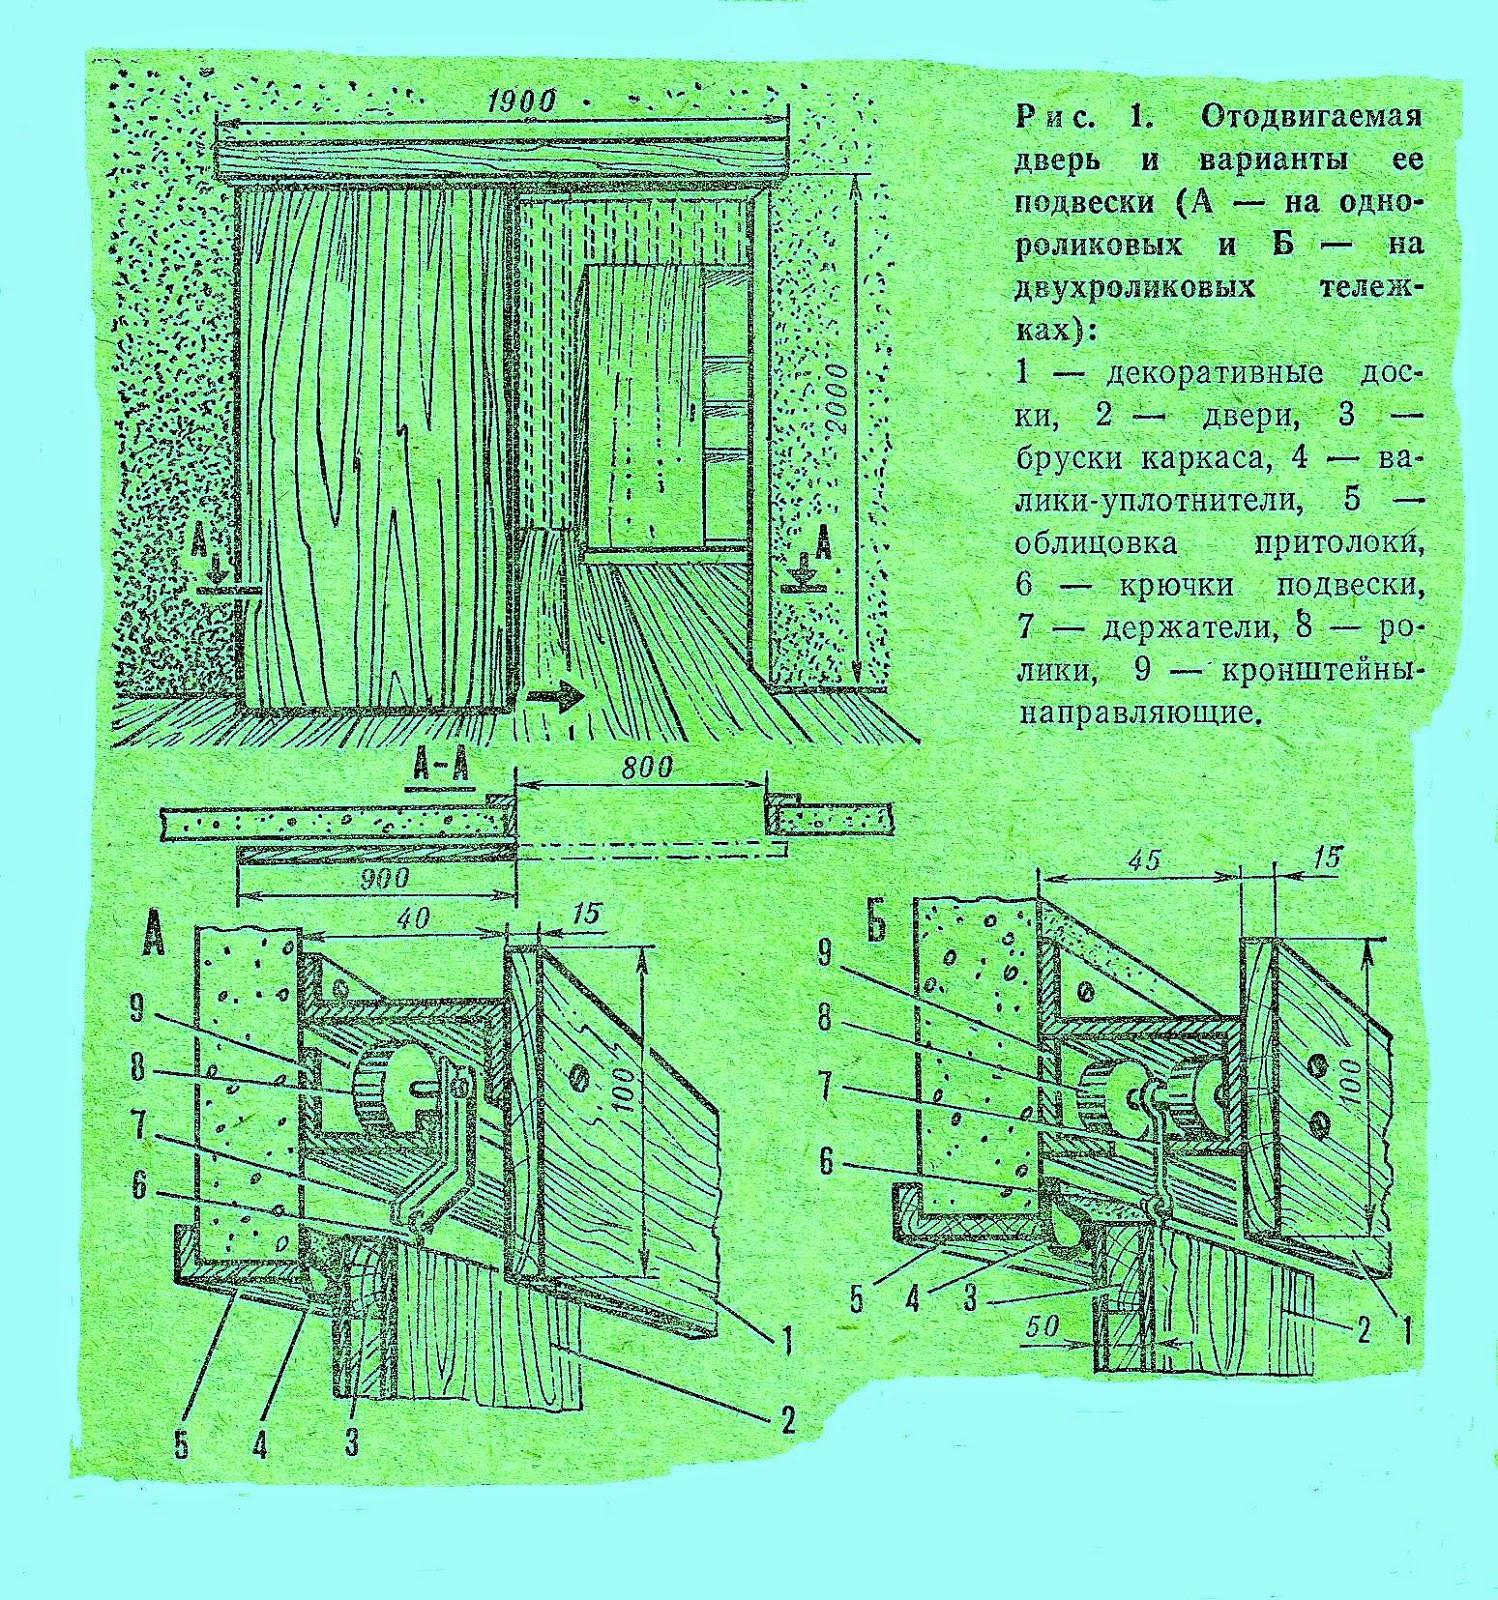 На схеме показана отодвигаемая дверь и варианты её подвески